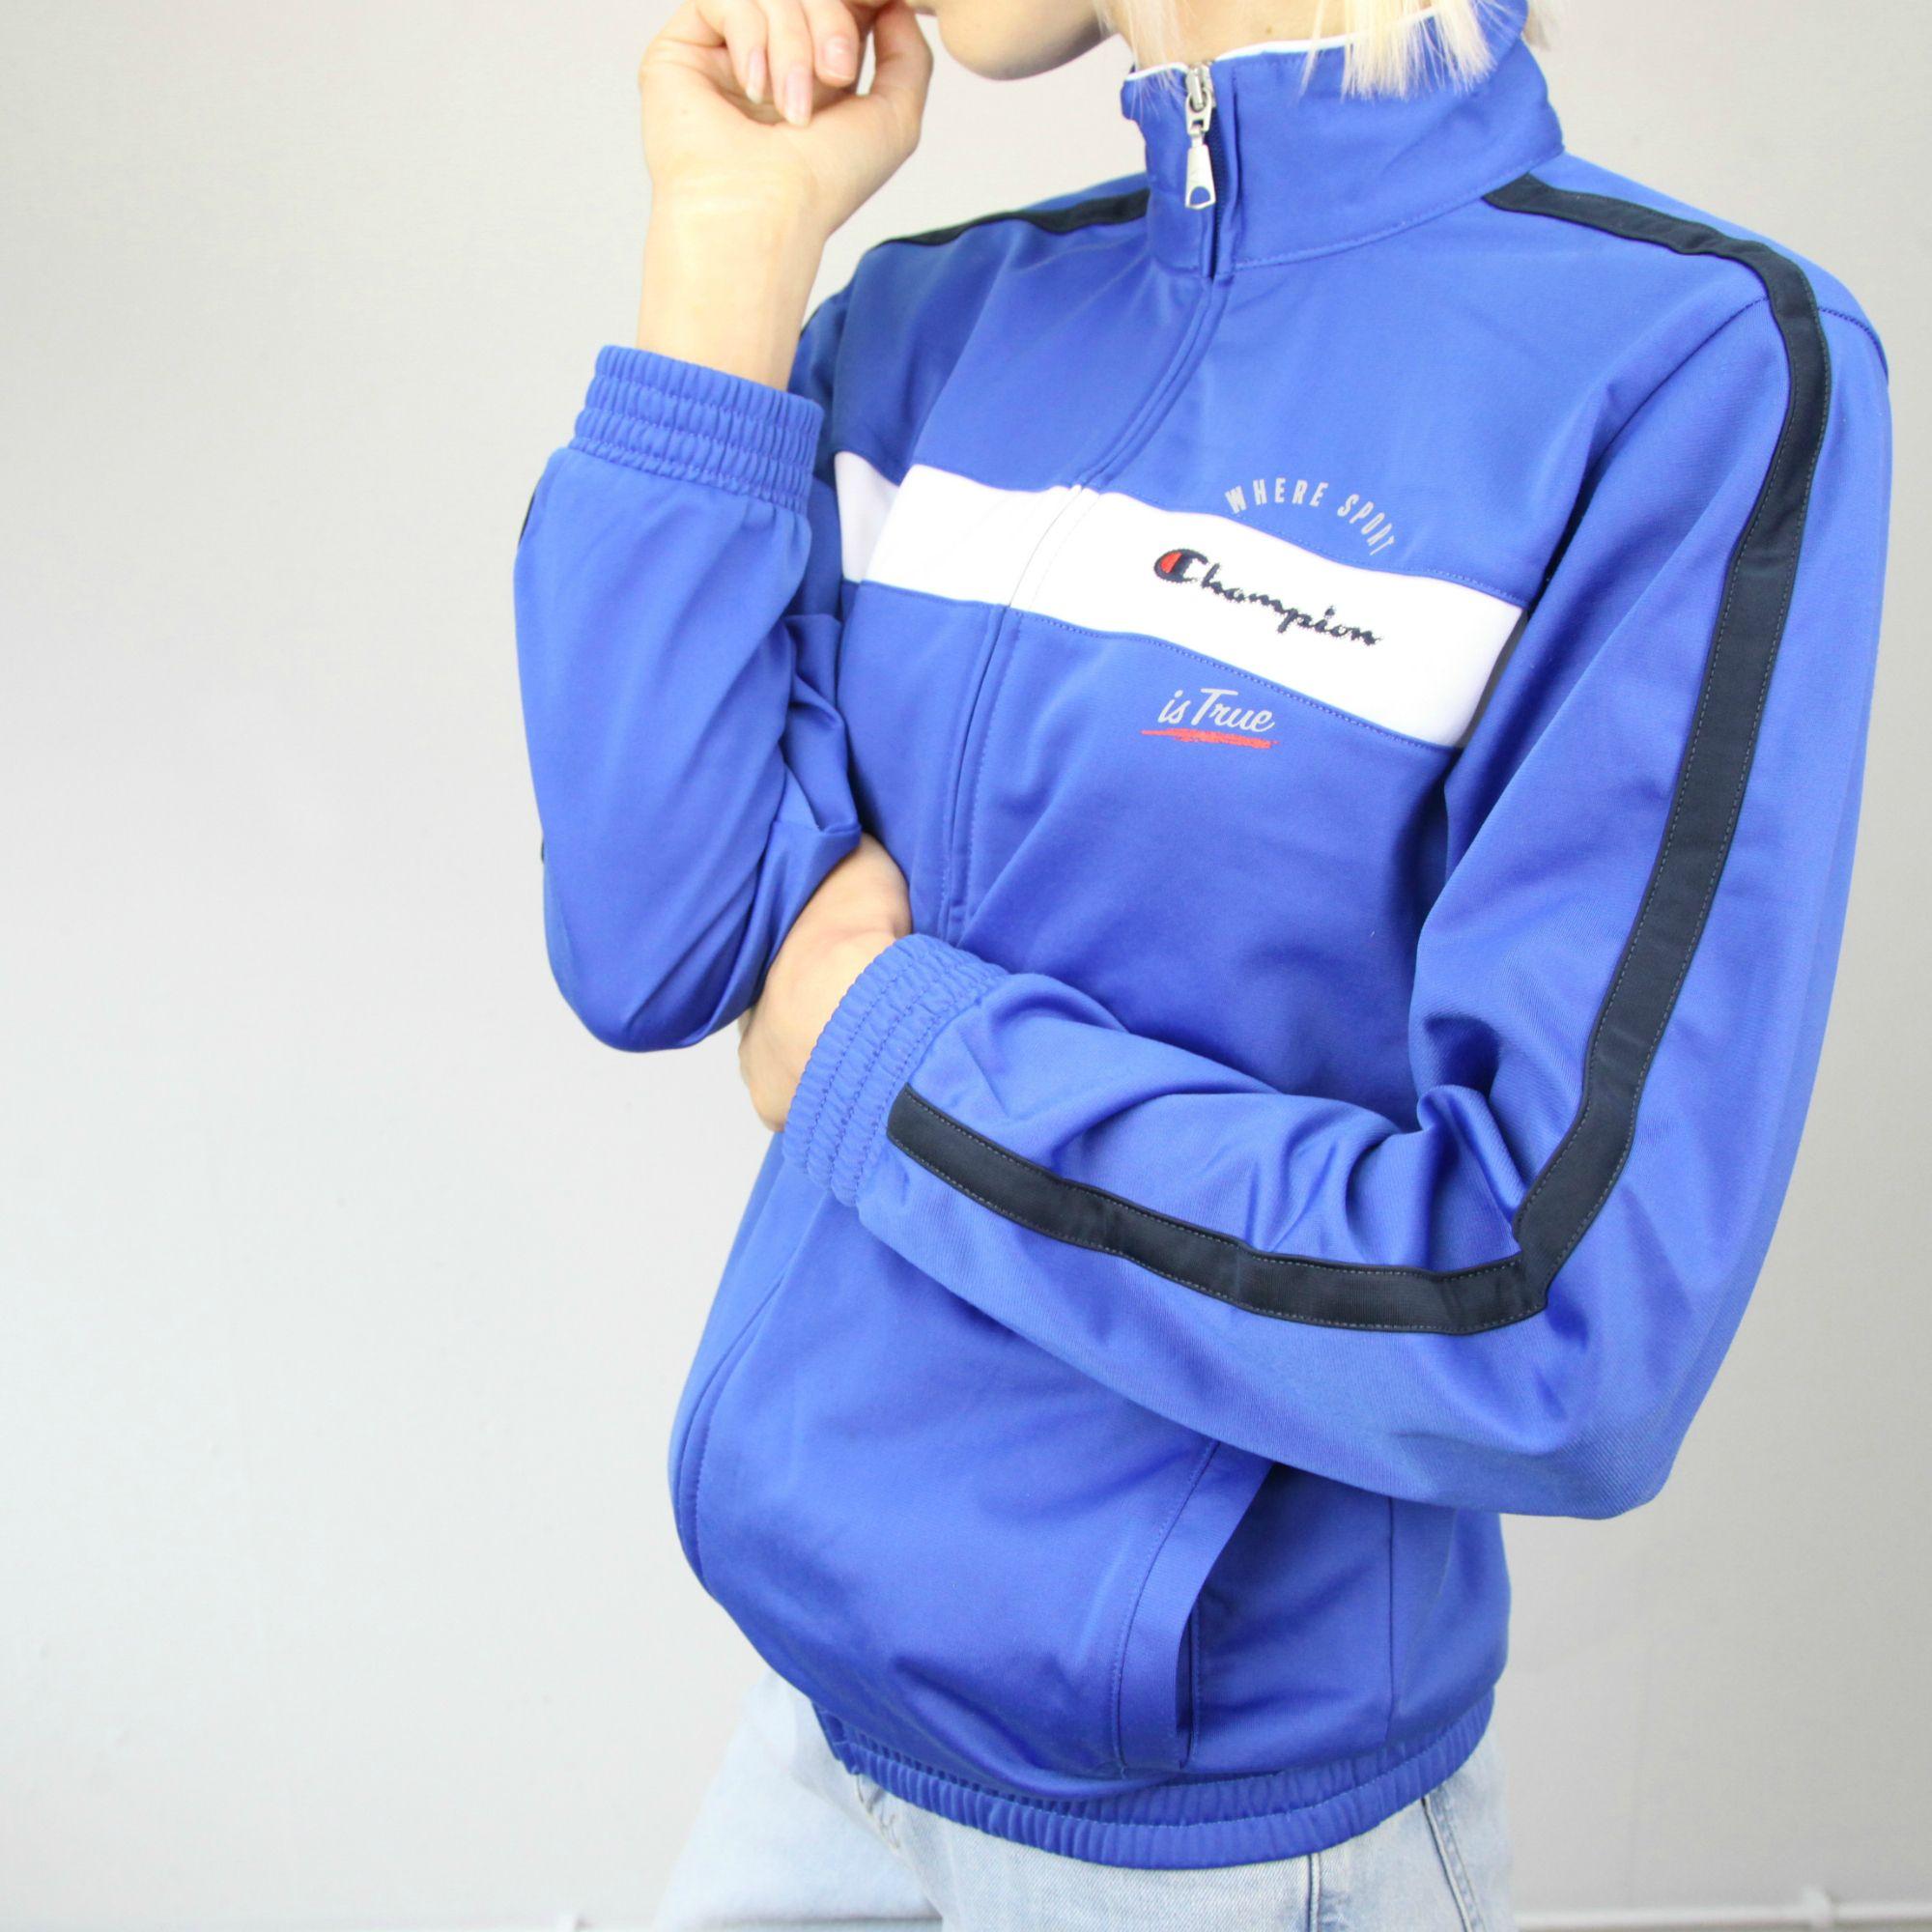 d0e27b6ec09 Champion Sportswear Streetwear Vintage 90s 1990s Fashion Style Slush  asosmarketplace depop sportswear